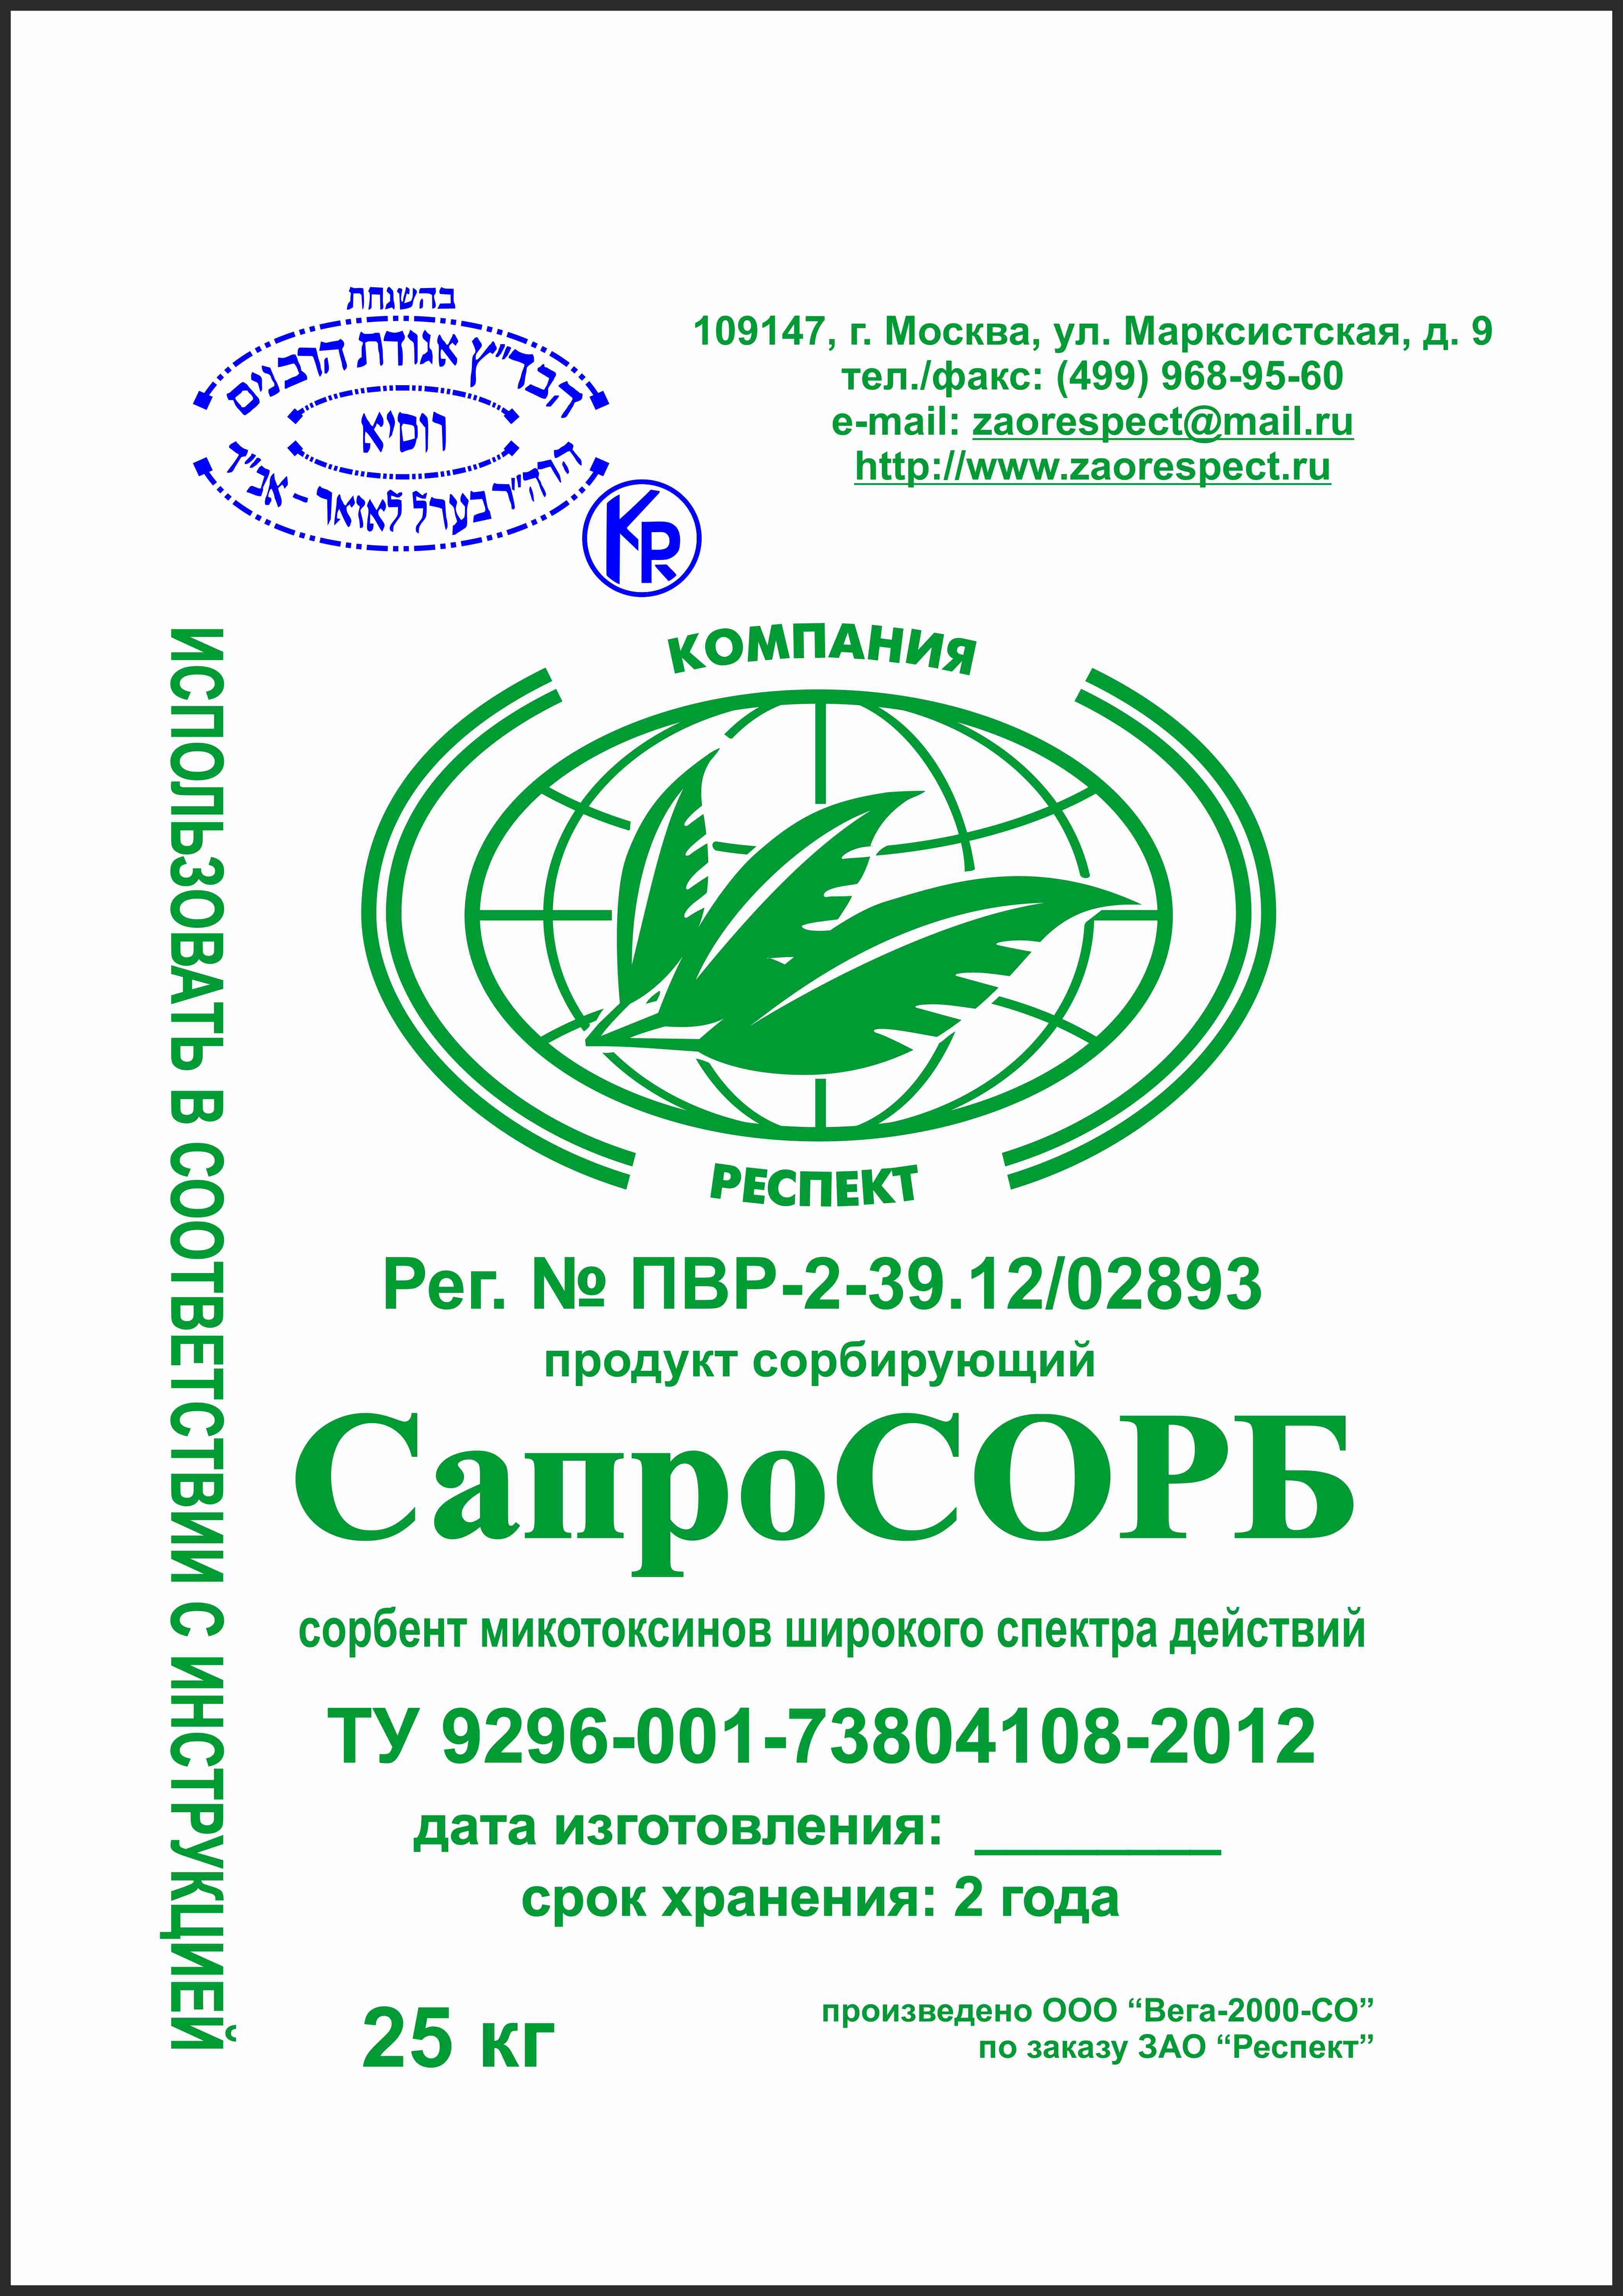 продукт сорбирующий сорбент / адсорбент микотоксинов Сапрособр Saprosorb с государственной регистрацией